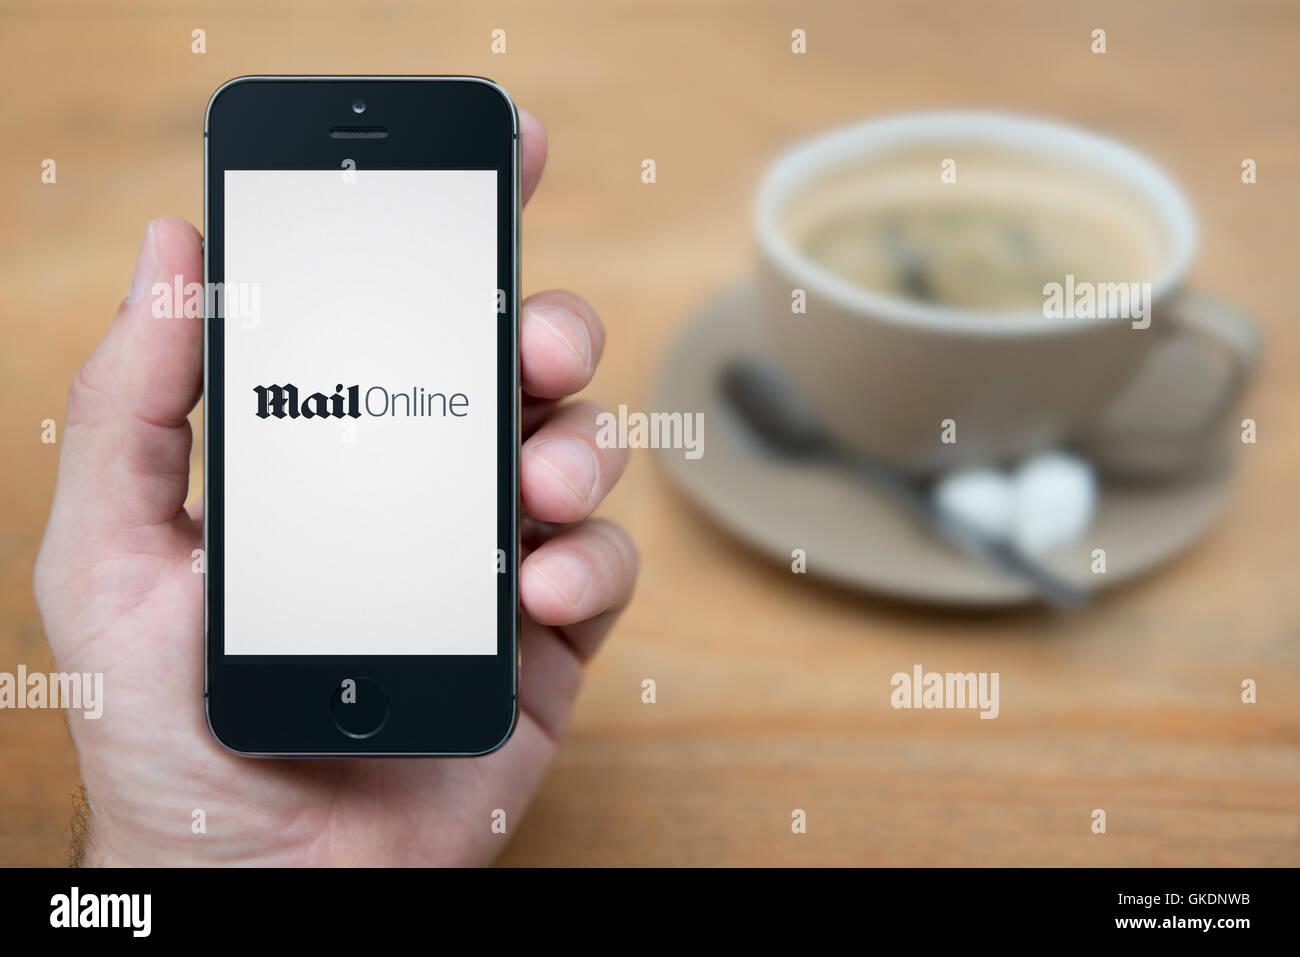 Un homme se penche sur son iPhone qui affiche le logo en ligne Courrier, tandis que sam avec une tasse de café Photo Stock